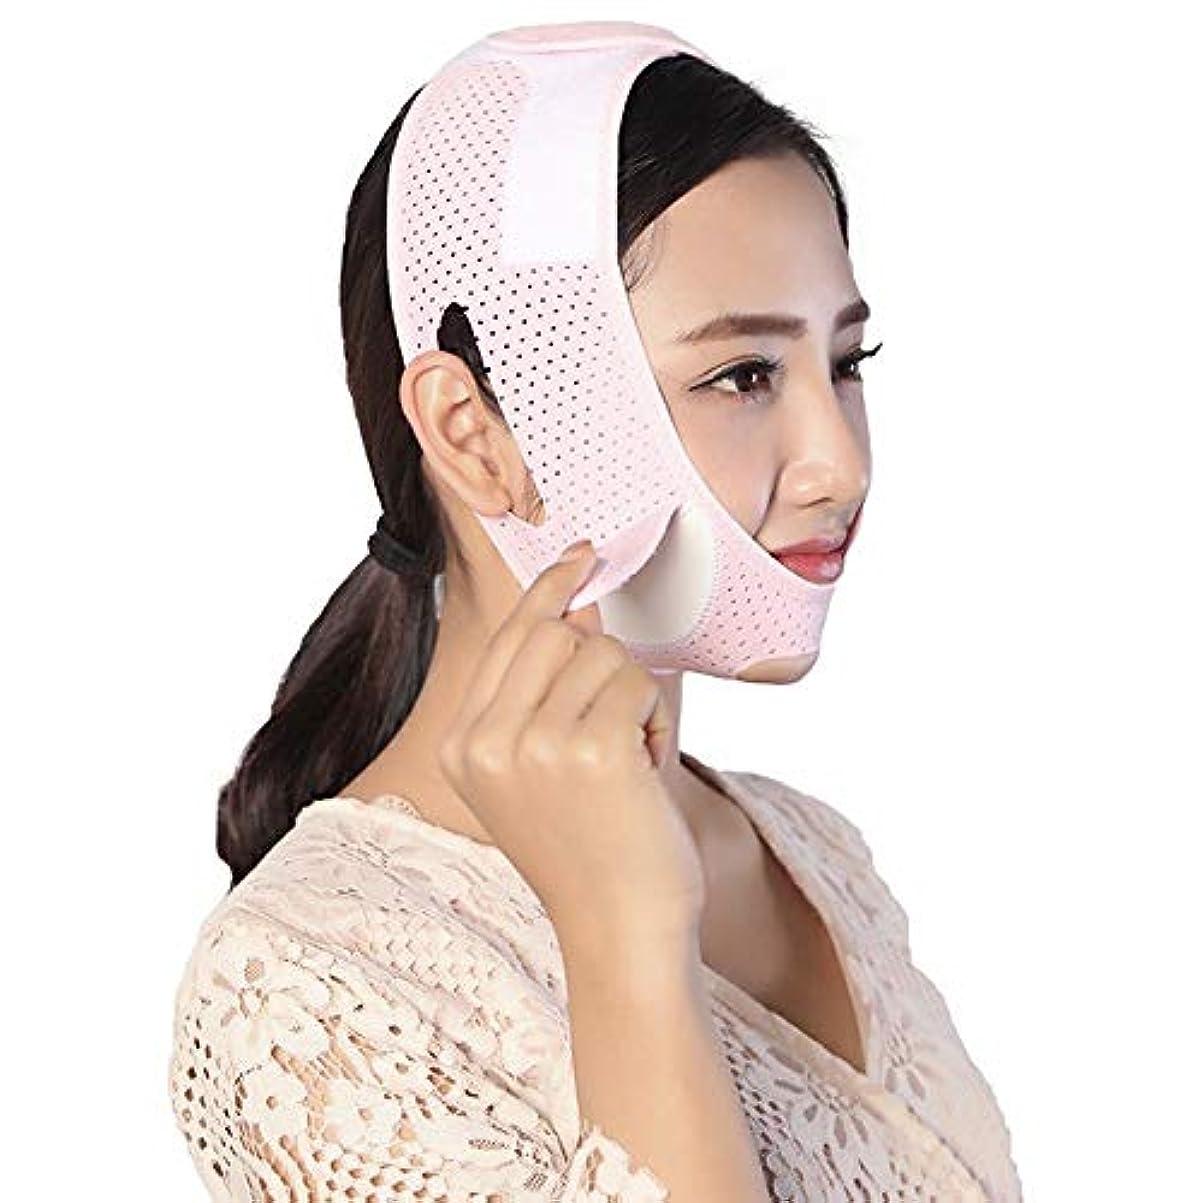 さわやか退化する壁紙薄い顔のバンド - 薄い顔の包帯は、ダブルの顎の法令Vをマスクするために持ち上げて睡眠マスクの通気 美しさ